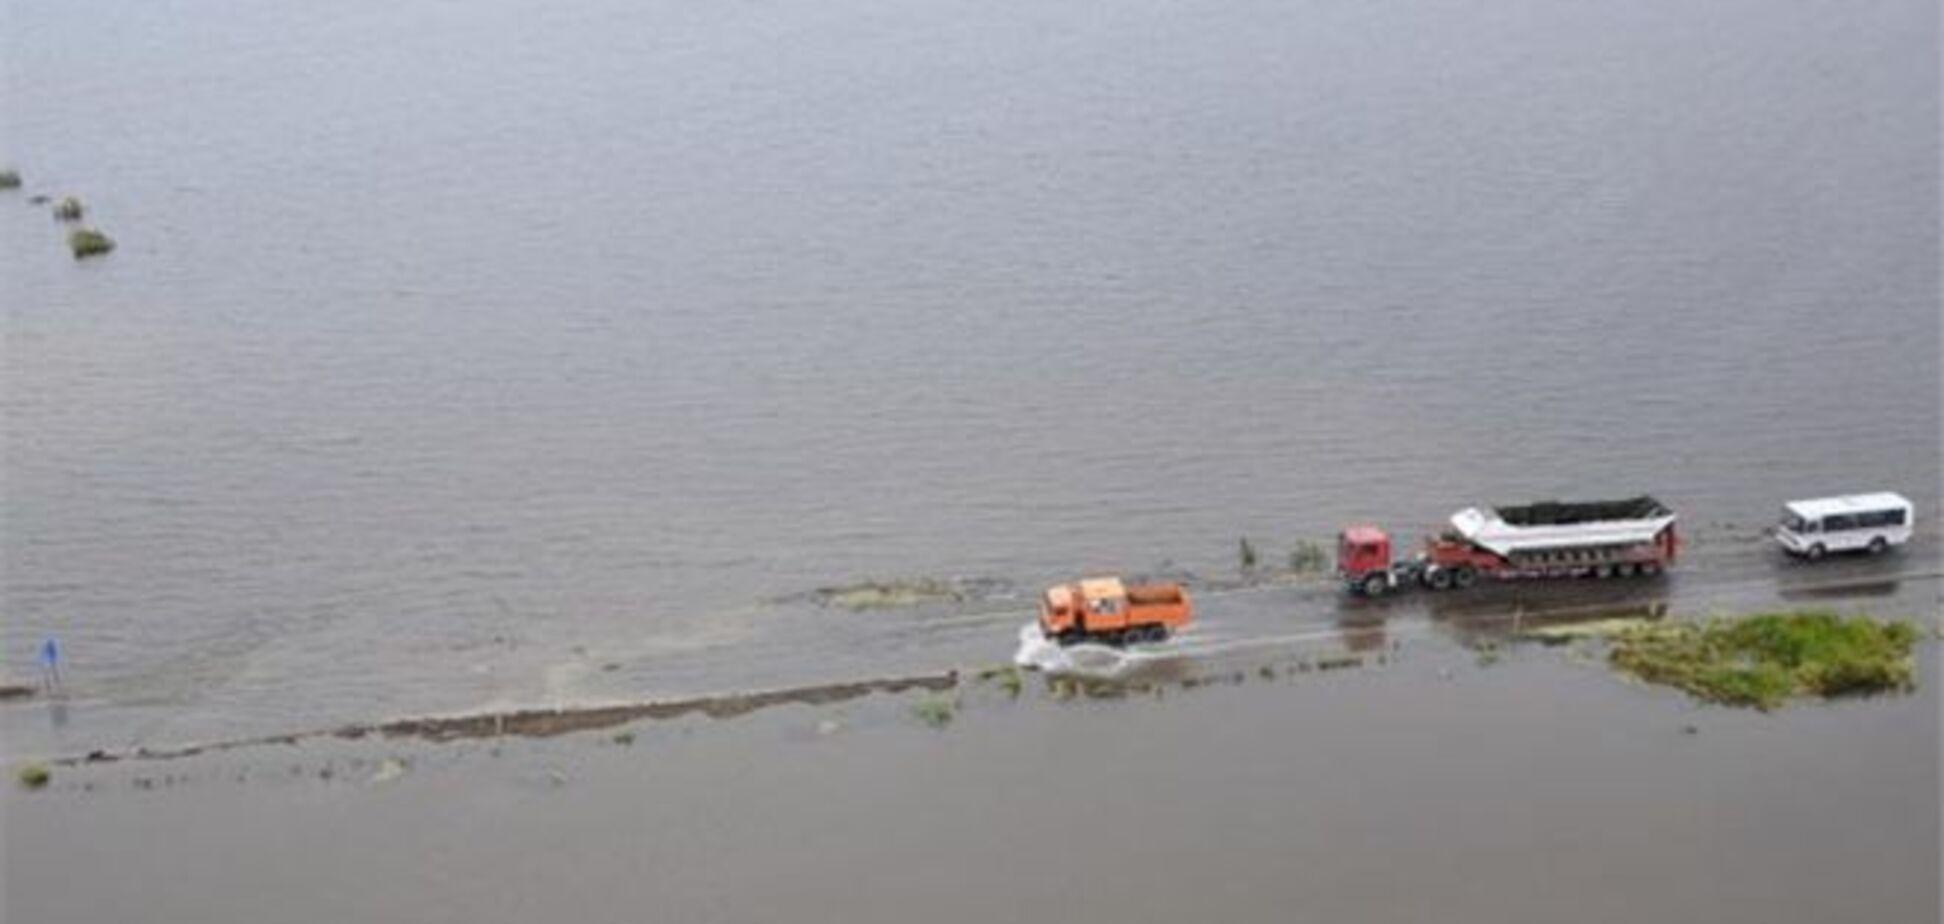 Во время паводка на Дальнем Востоке утонул 'КамАз' с солдатом